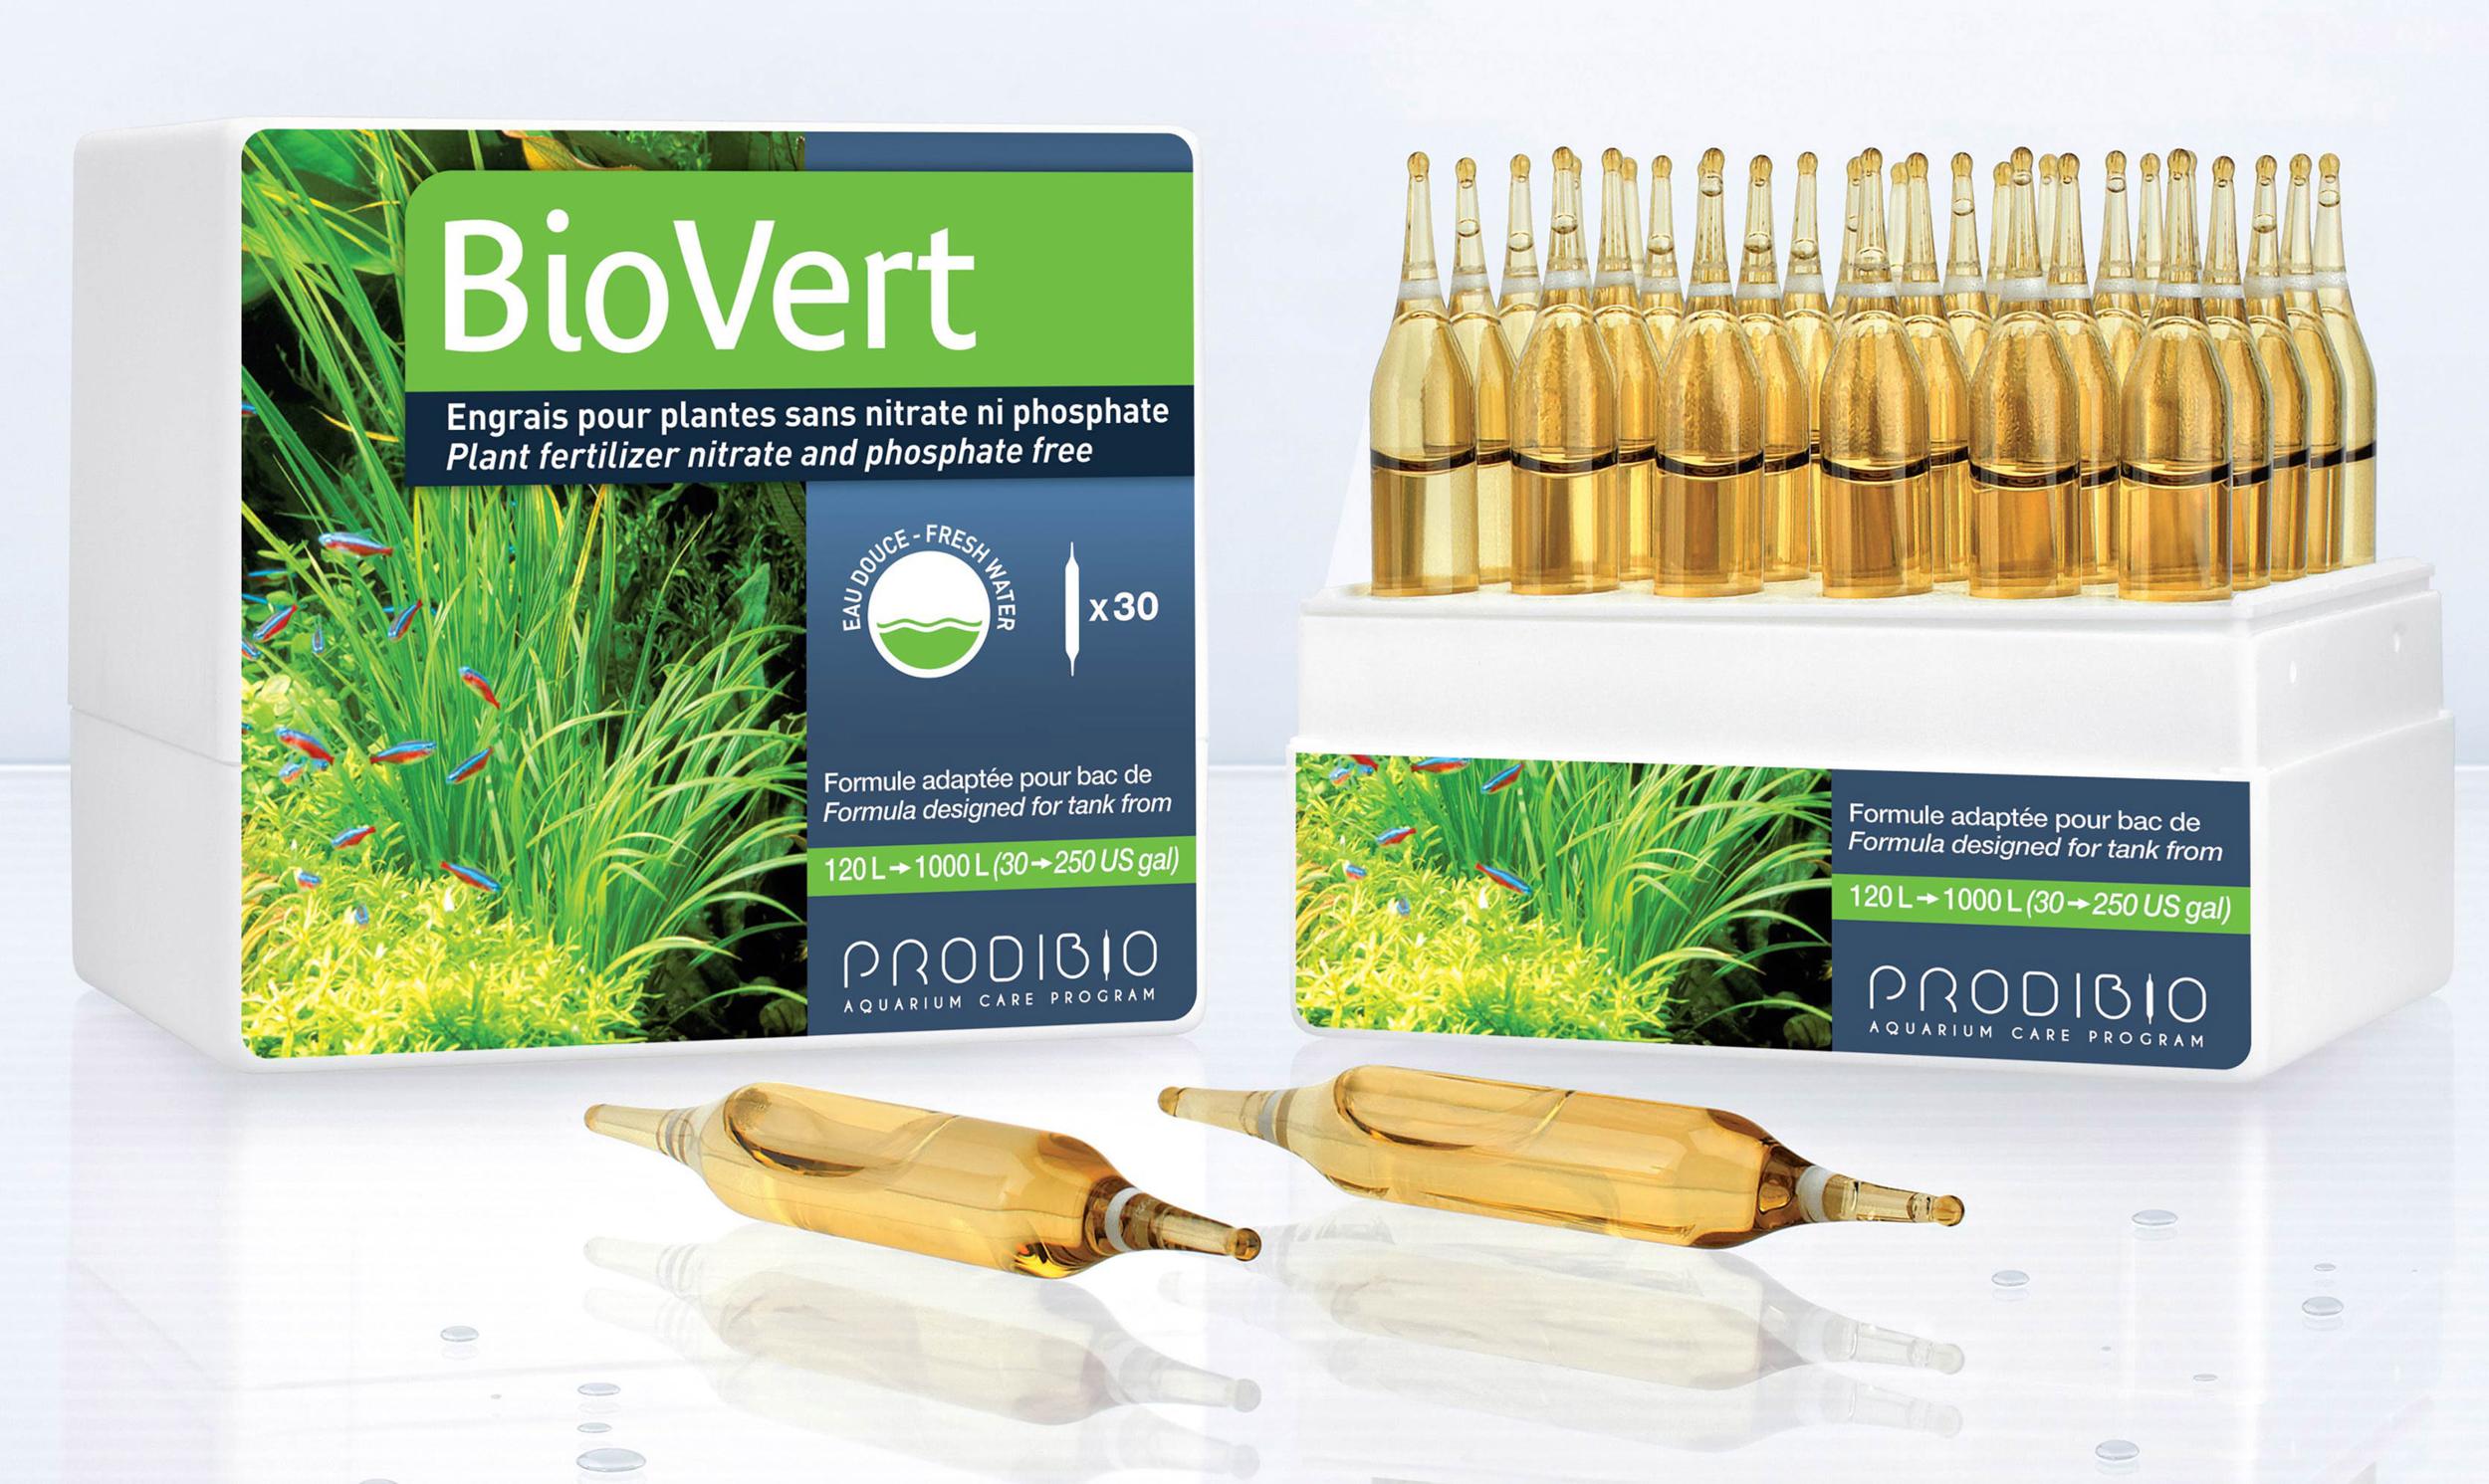 PRODIBIO BioVert 30 ampoules apporte l\'ensemble des éléments pour une bonne croissance des plantes. Traite jusqu\'à 6000 L